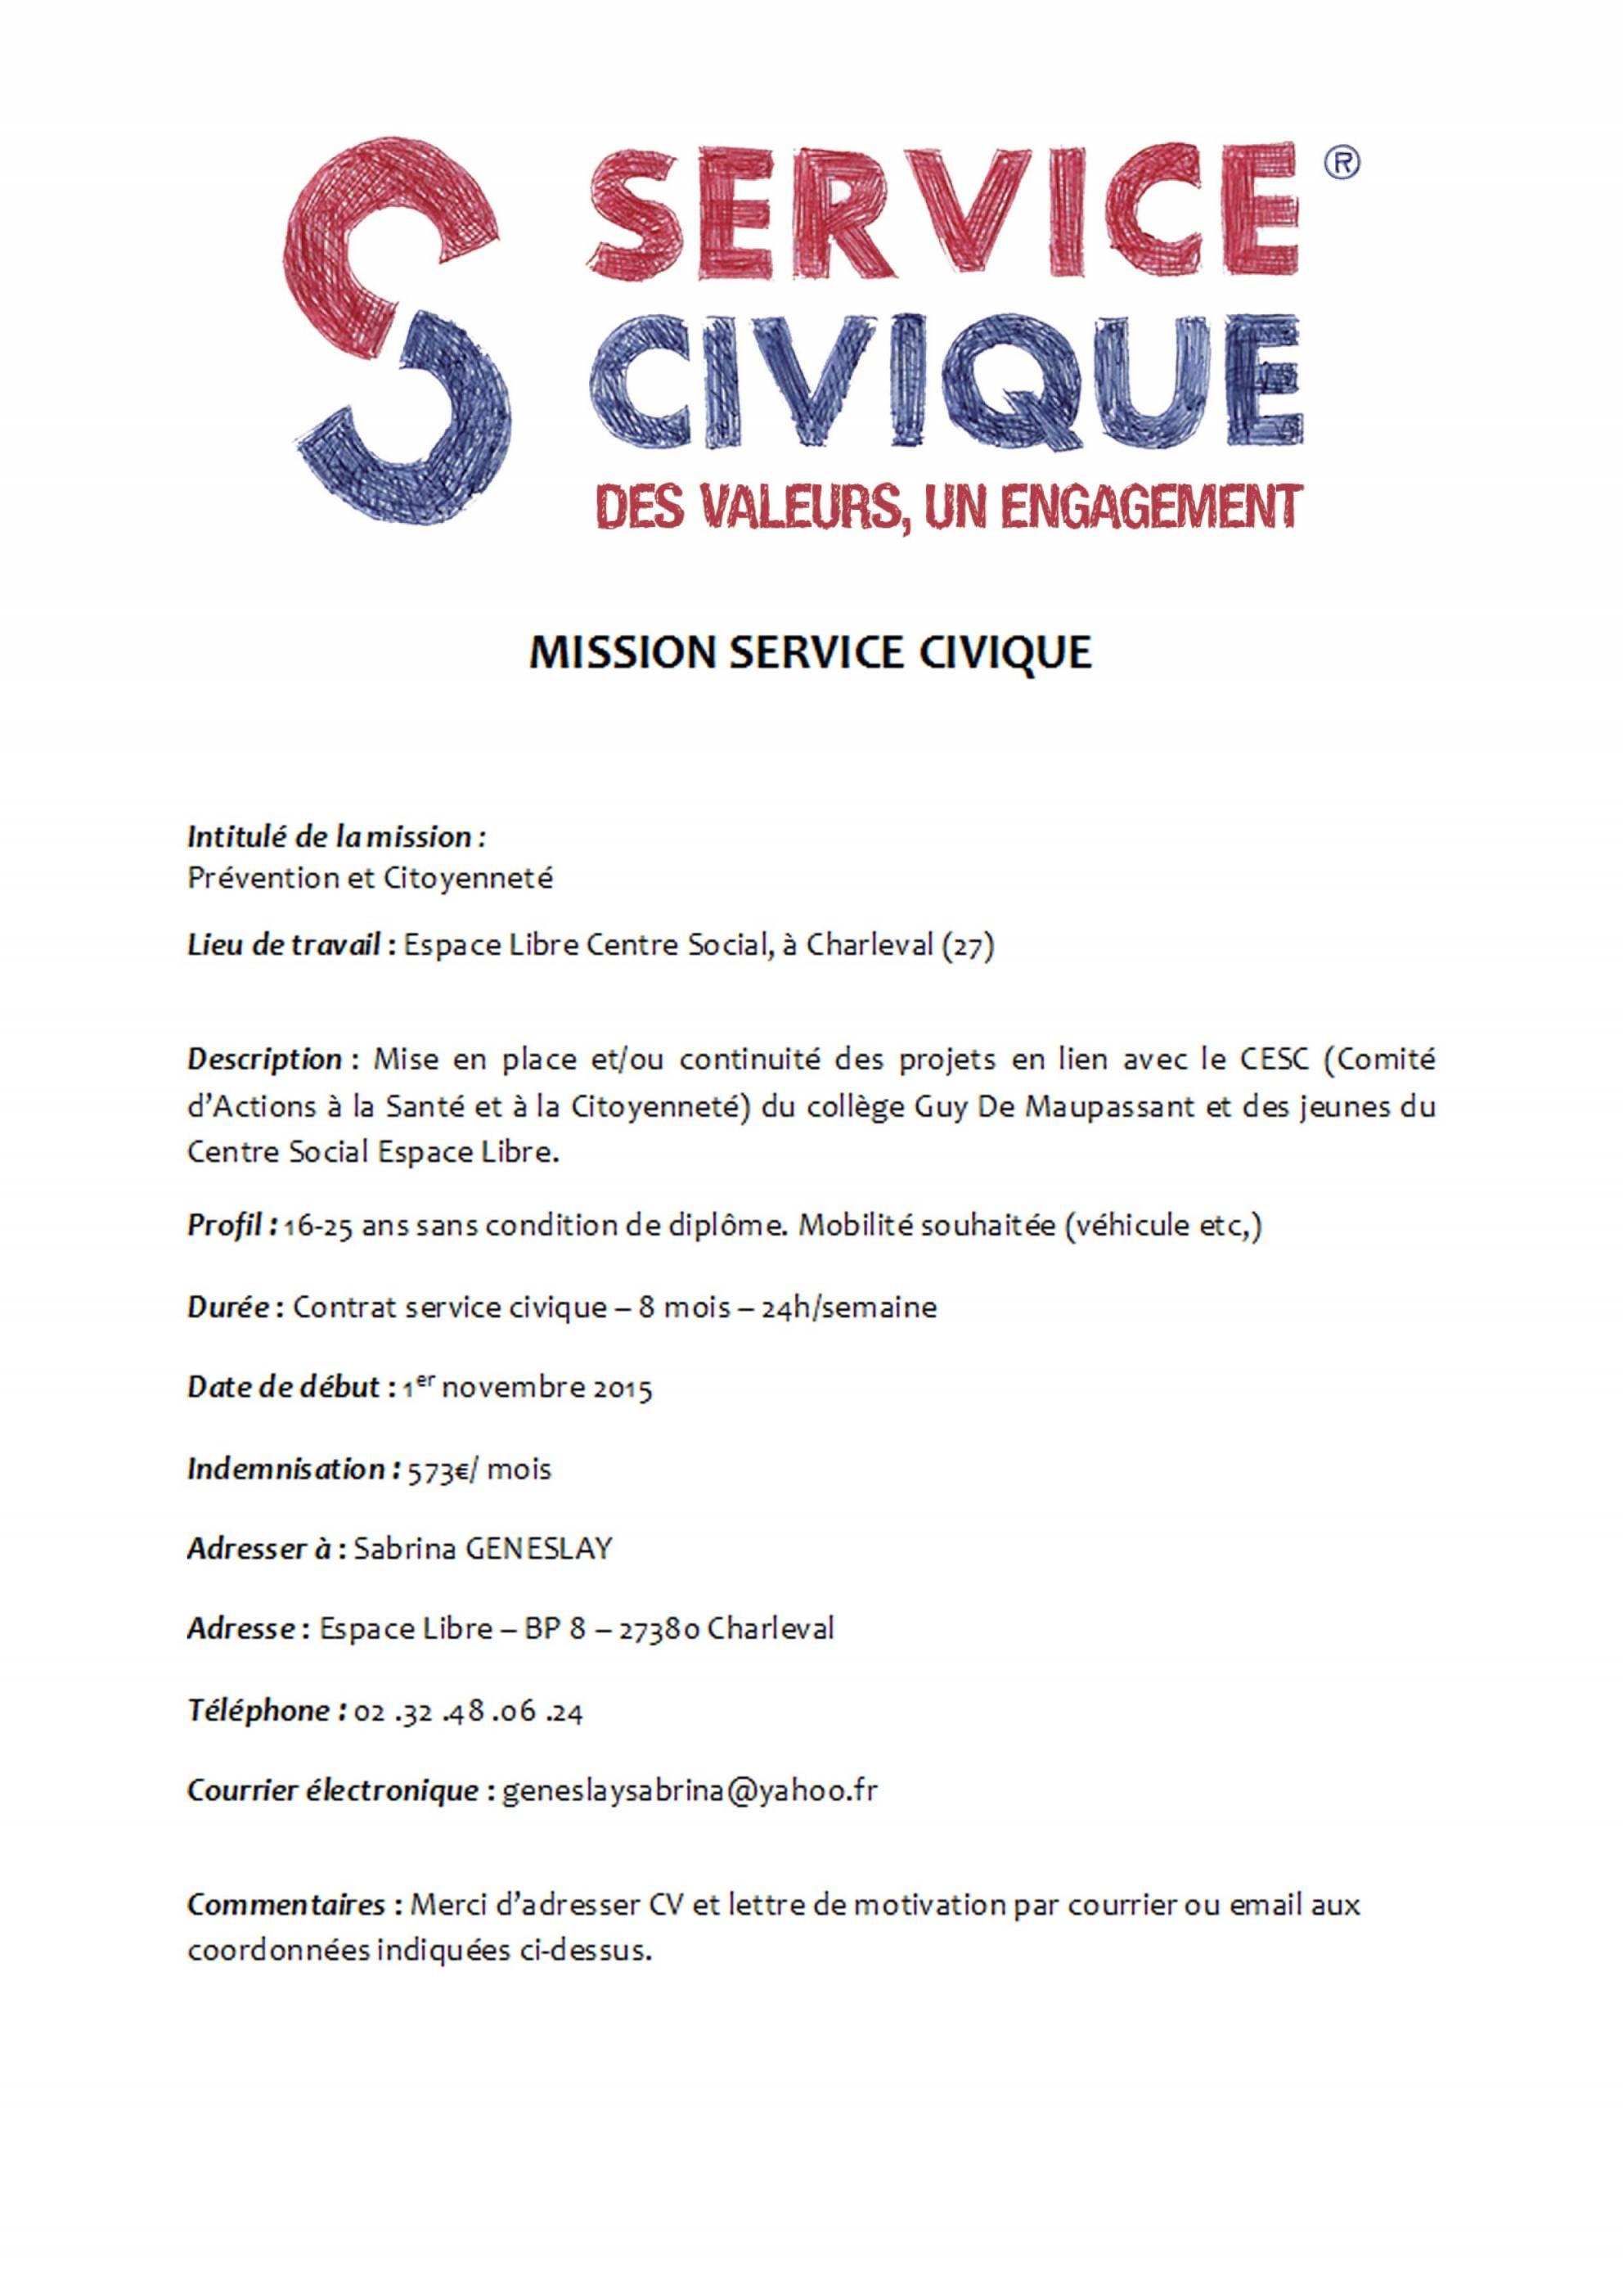 exemple de cv pour service civique